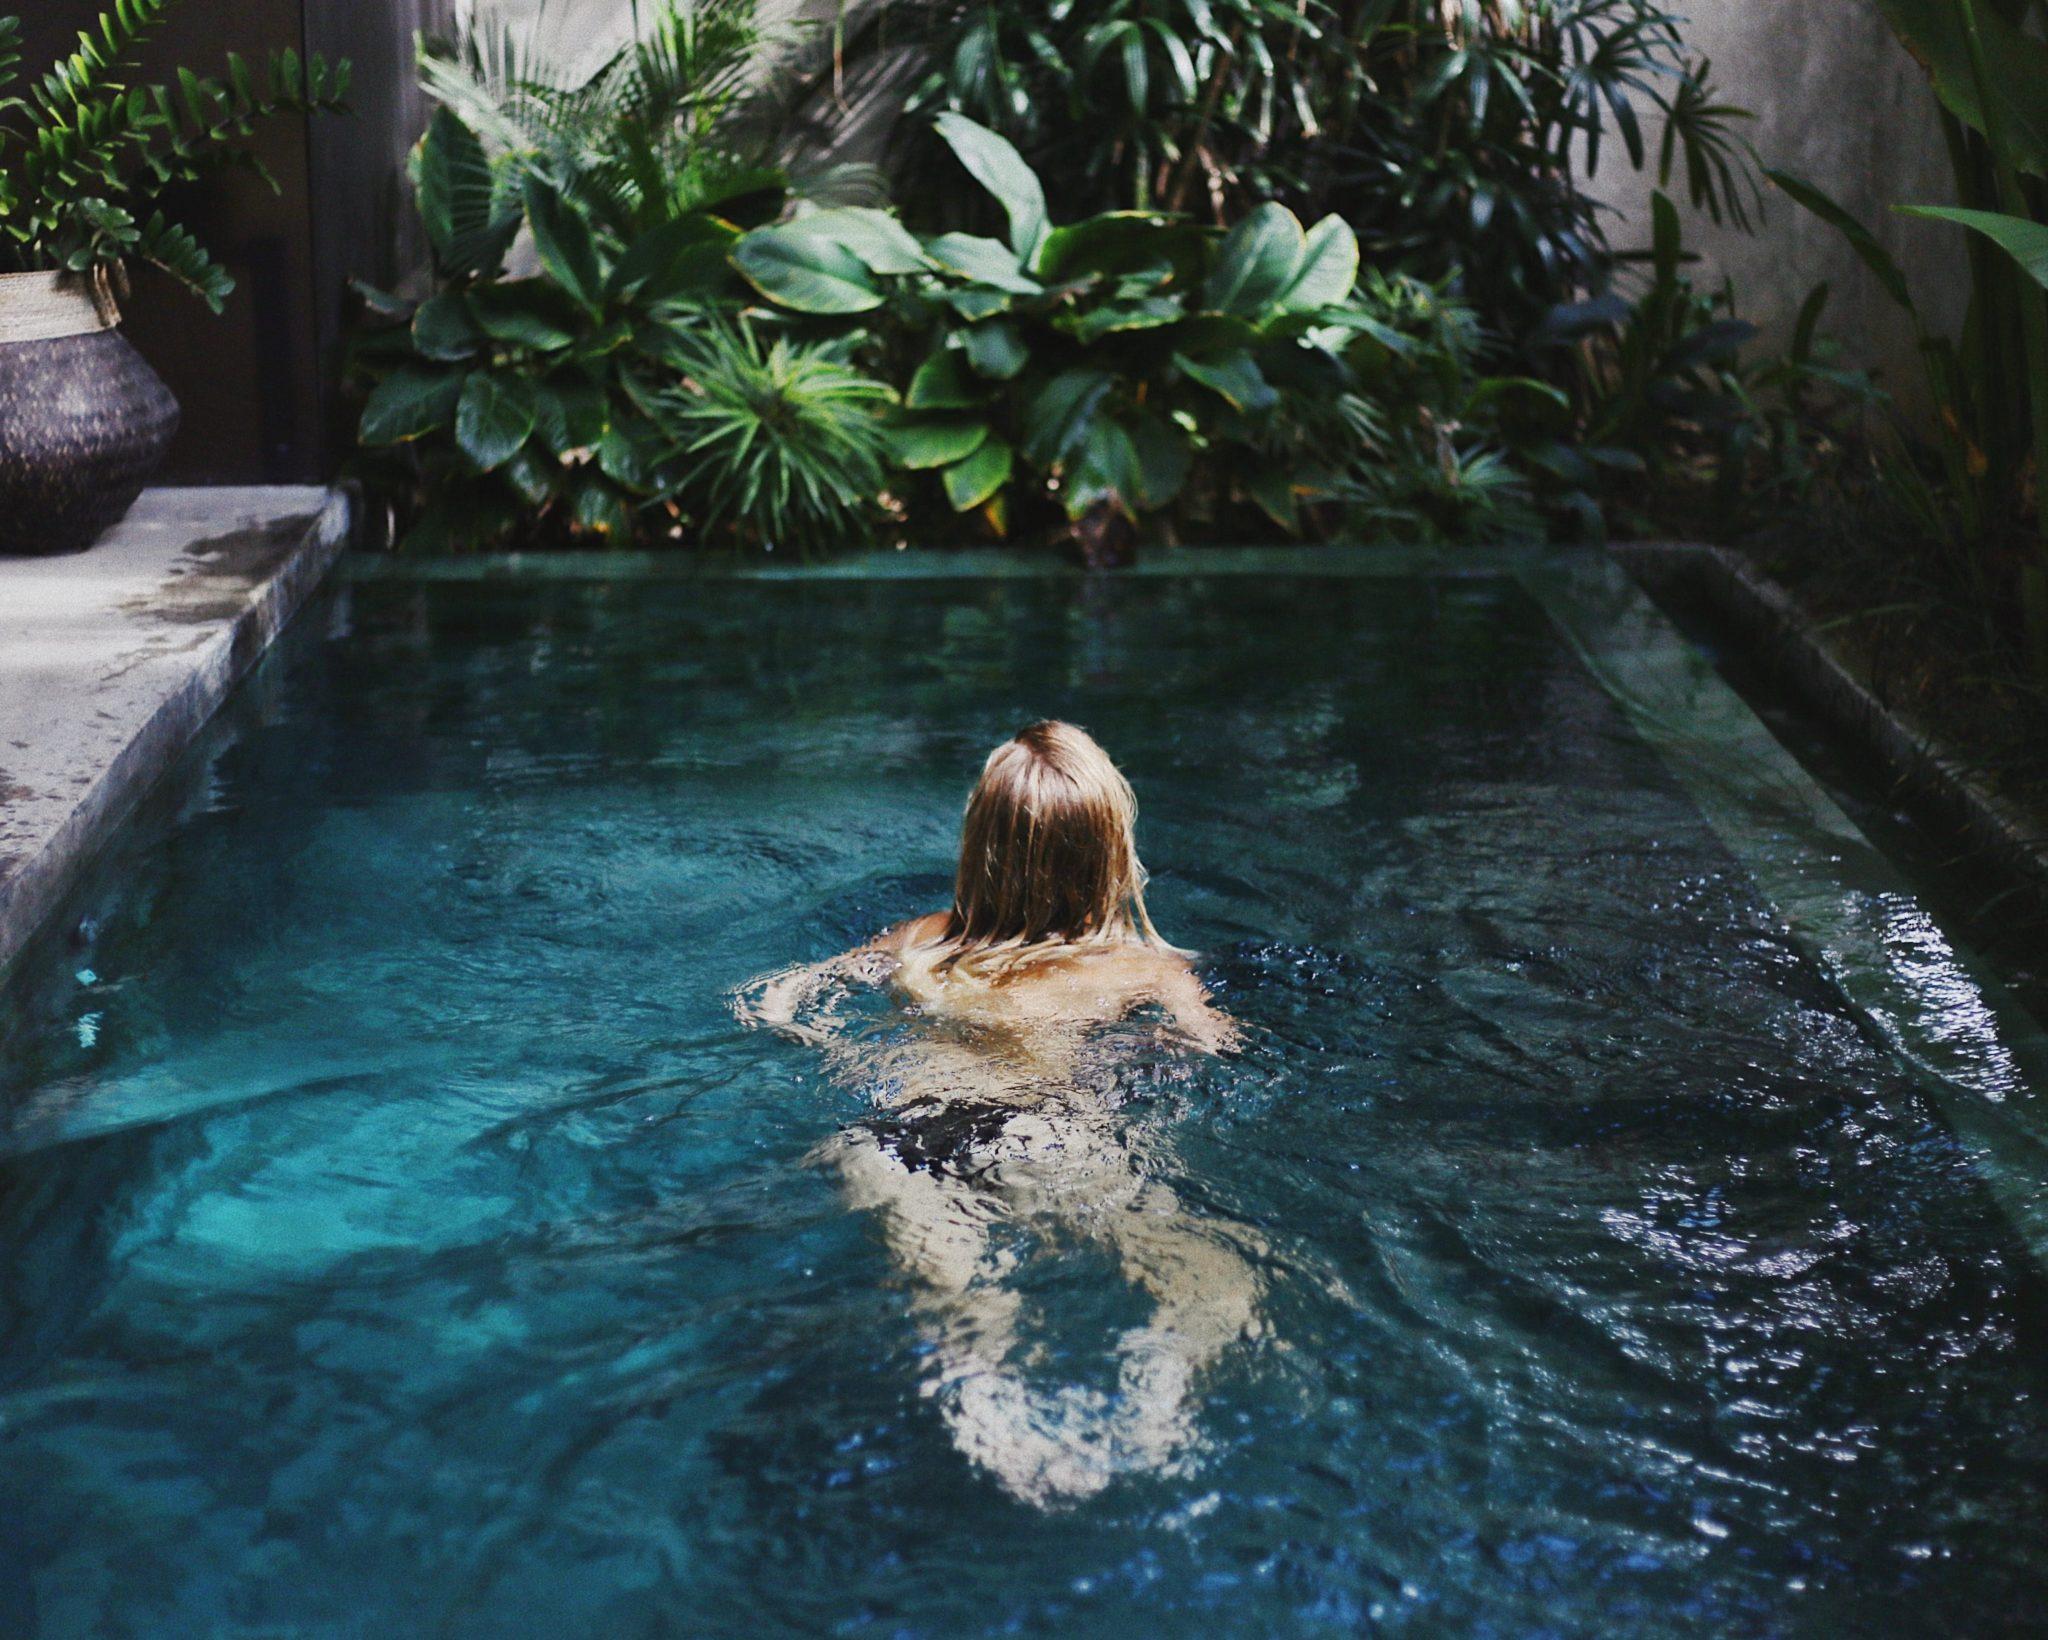 Une piscine biologique, qu'est-ce que c'est ?